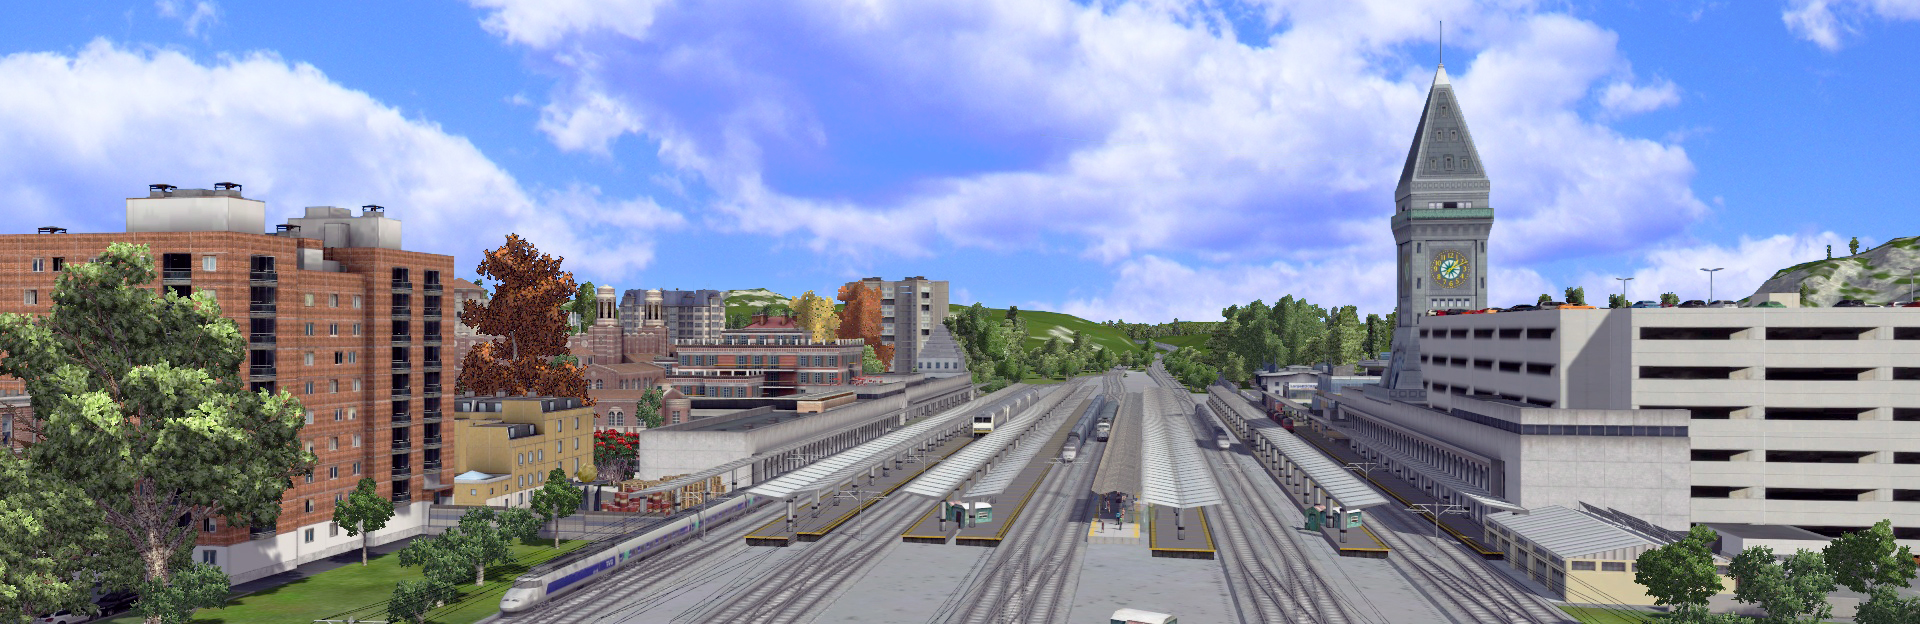 Divia 1511651752-divia-gare-ville-12